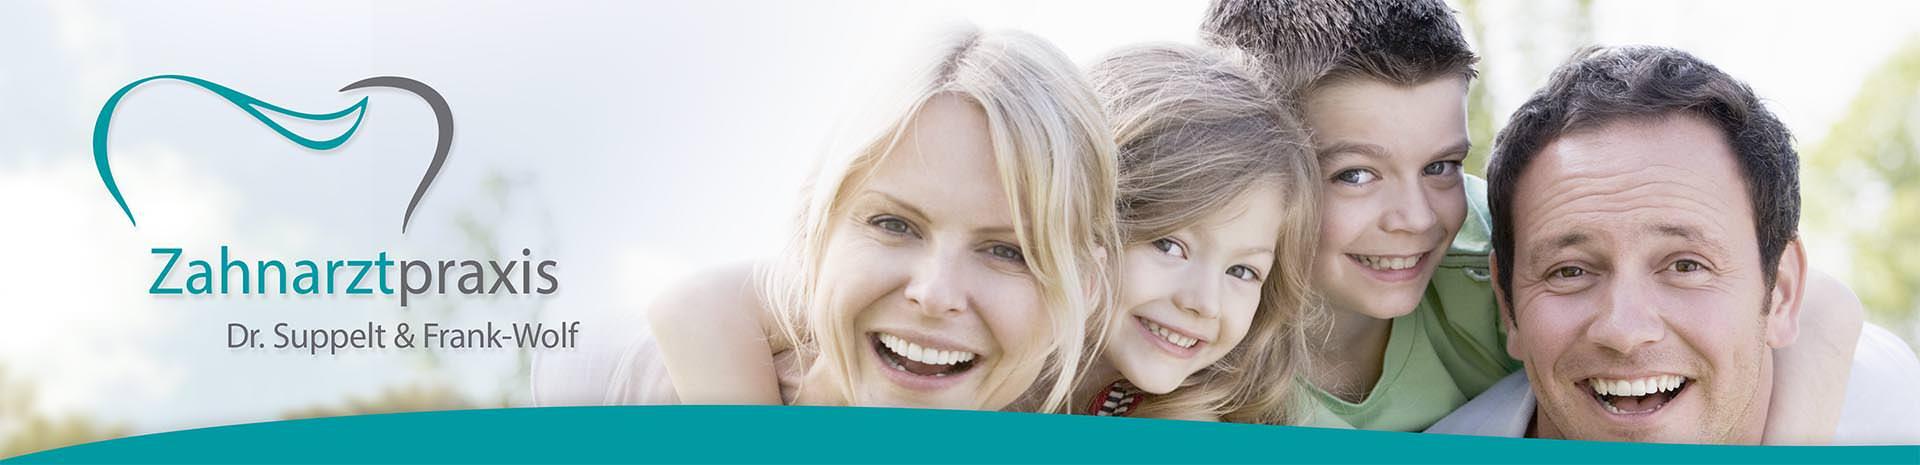 zahnarzt-praxis-dr-suppelt-header-familie